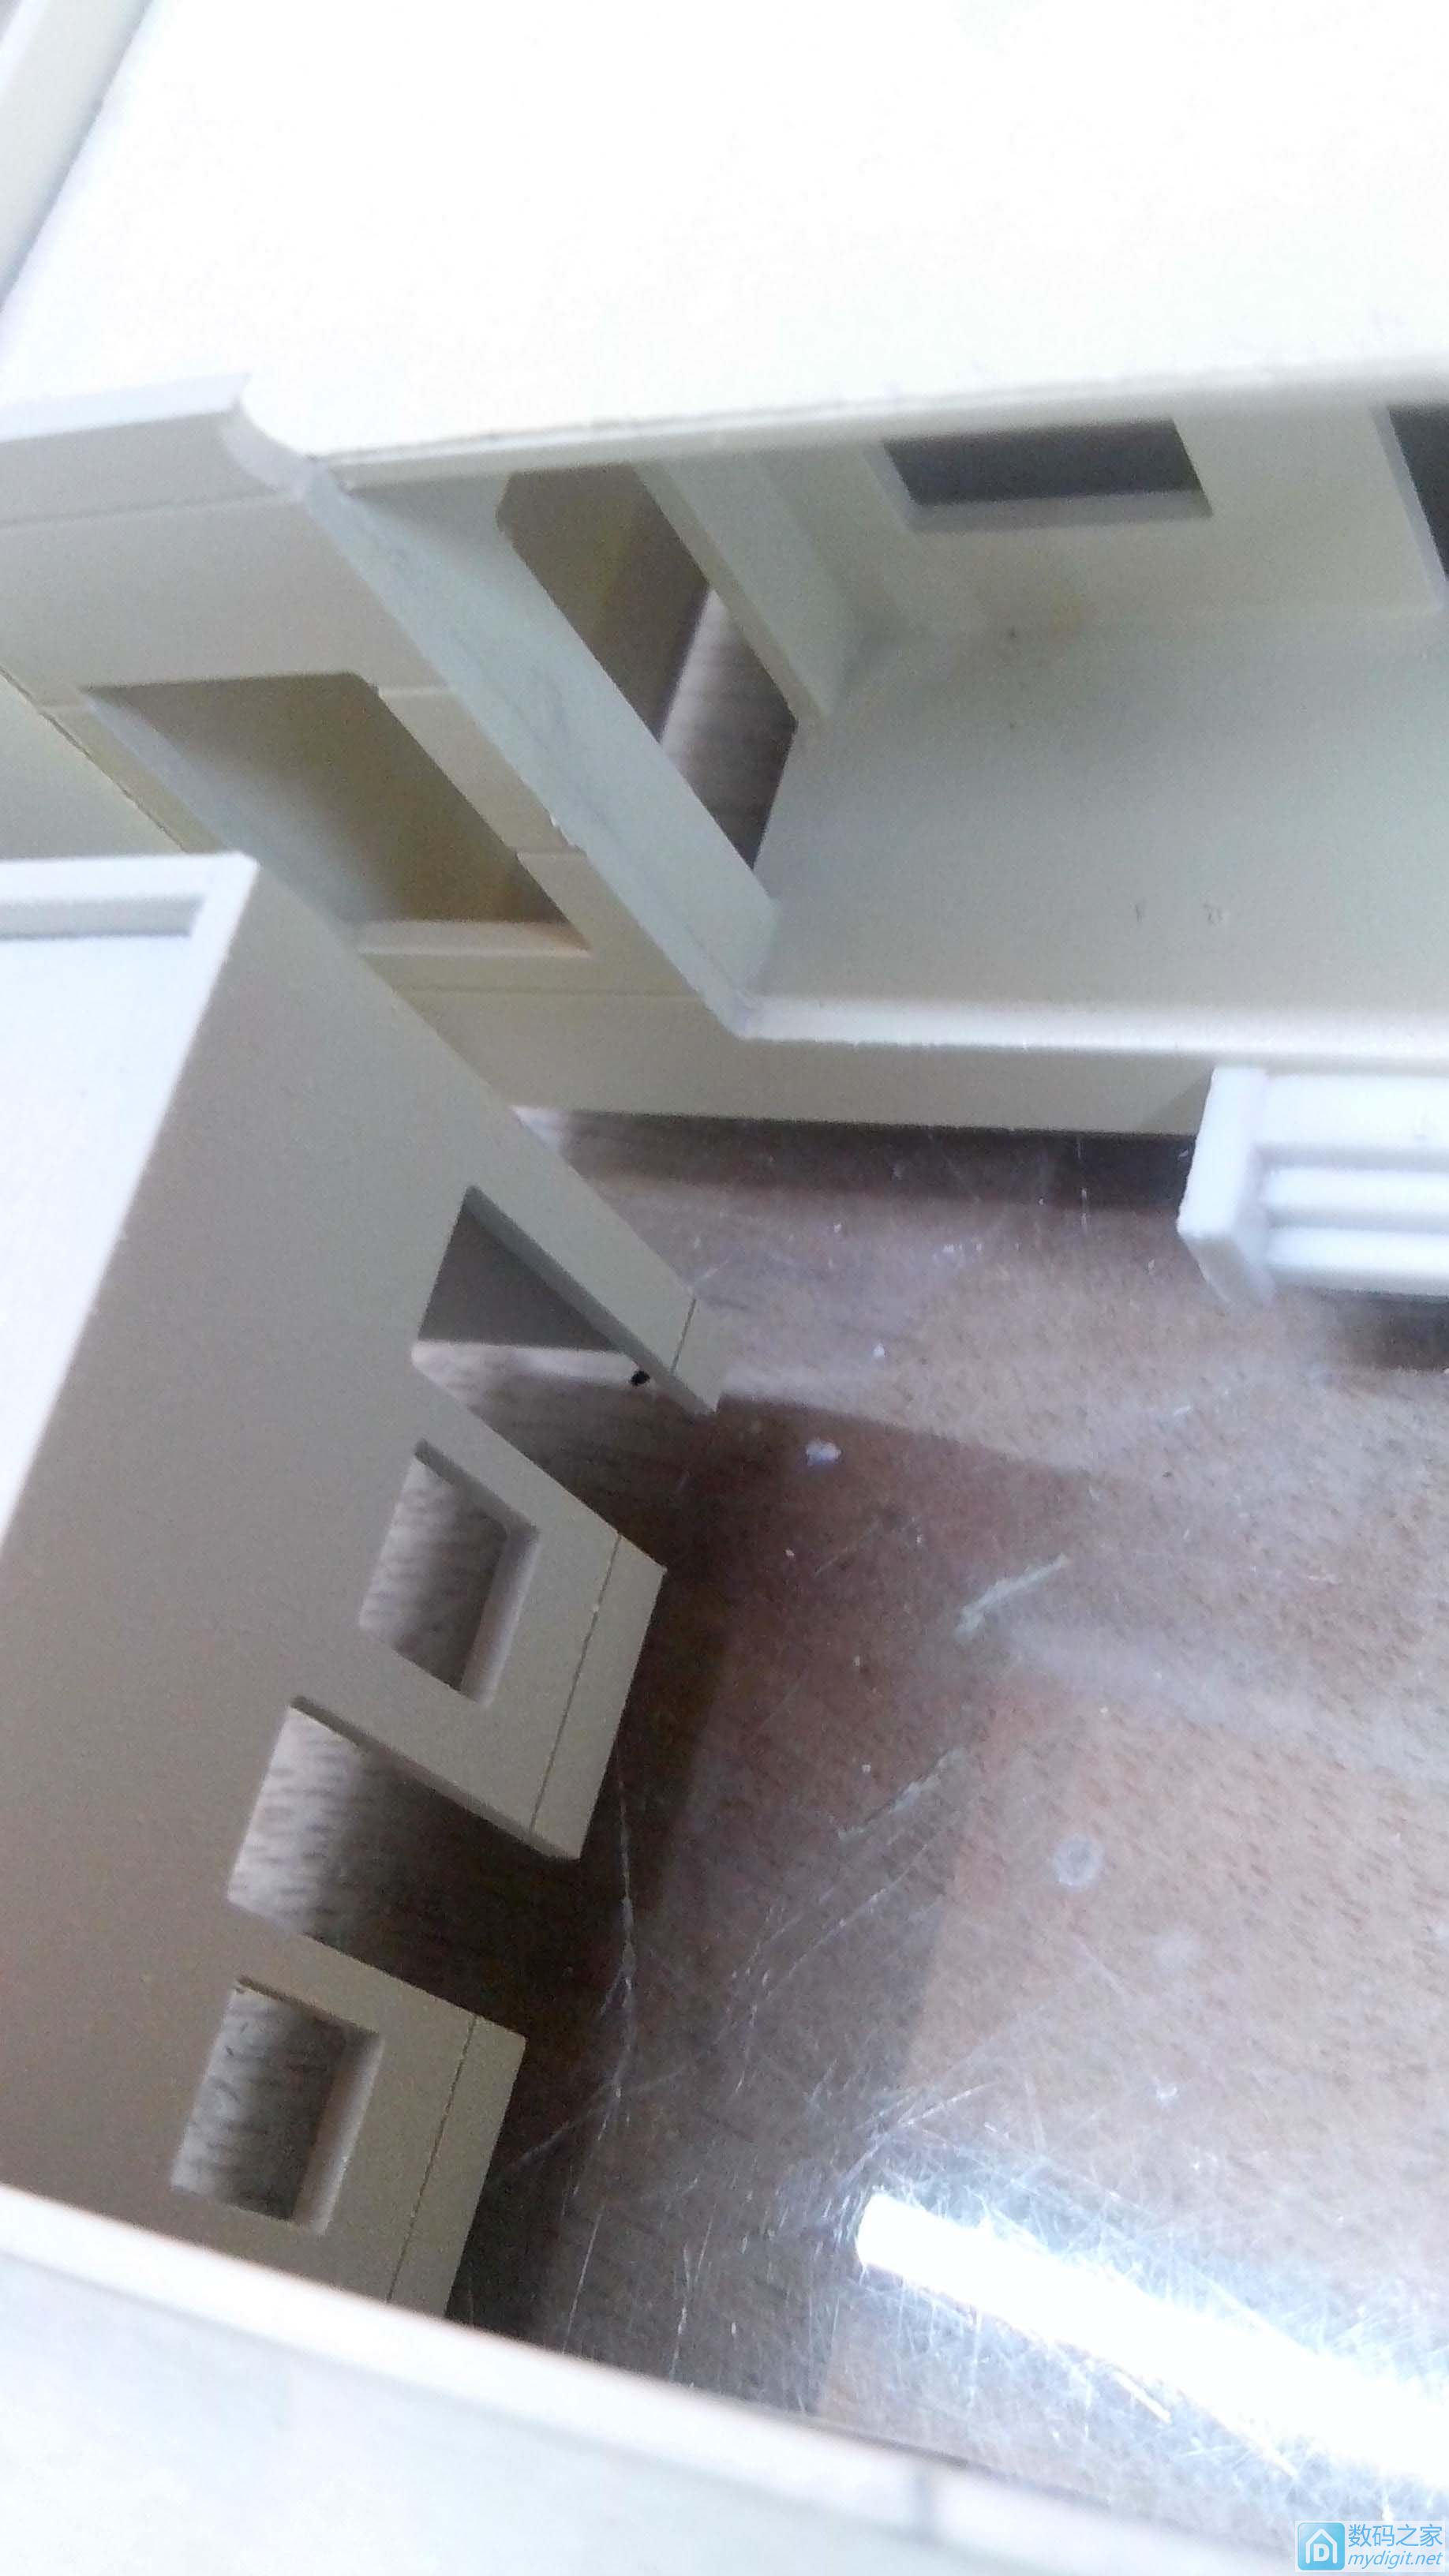 以自家房子为蓝本,用雕刻机自制沙盘模型